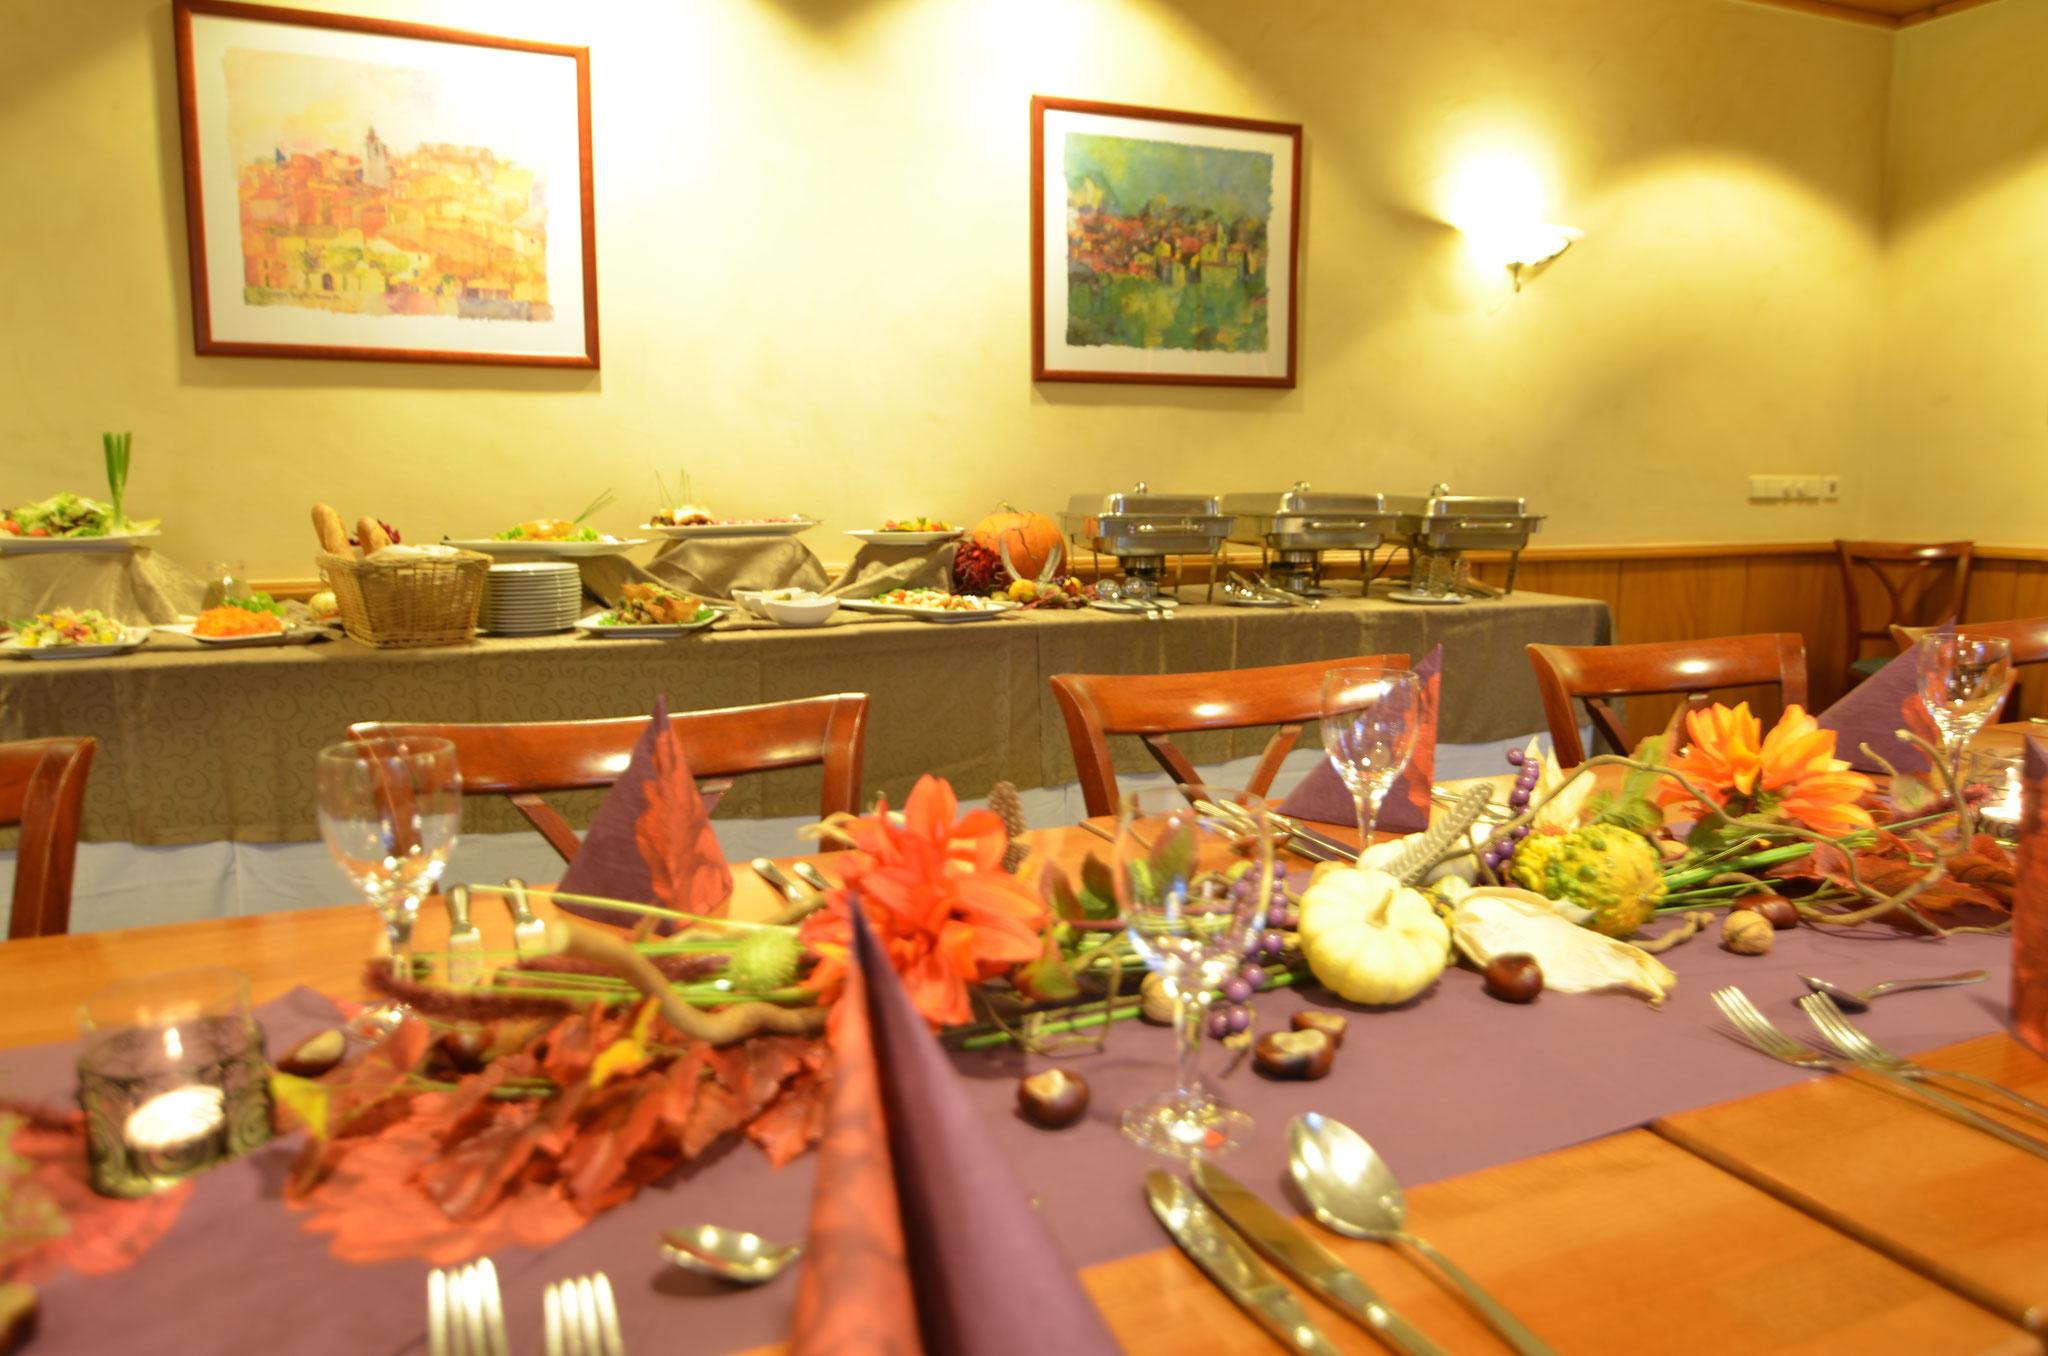 dekorierte Tafel in Verbindung mit einem Buffet